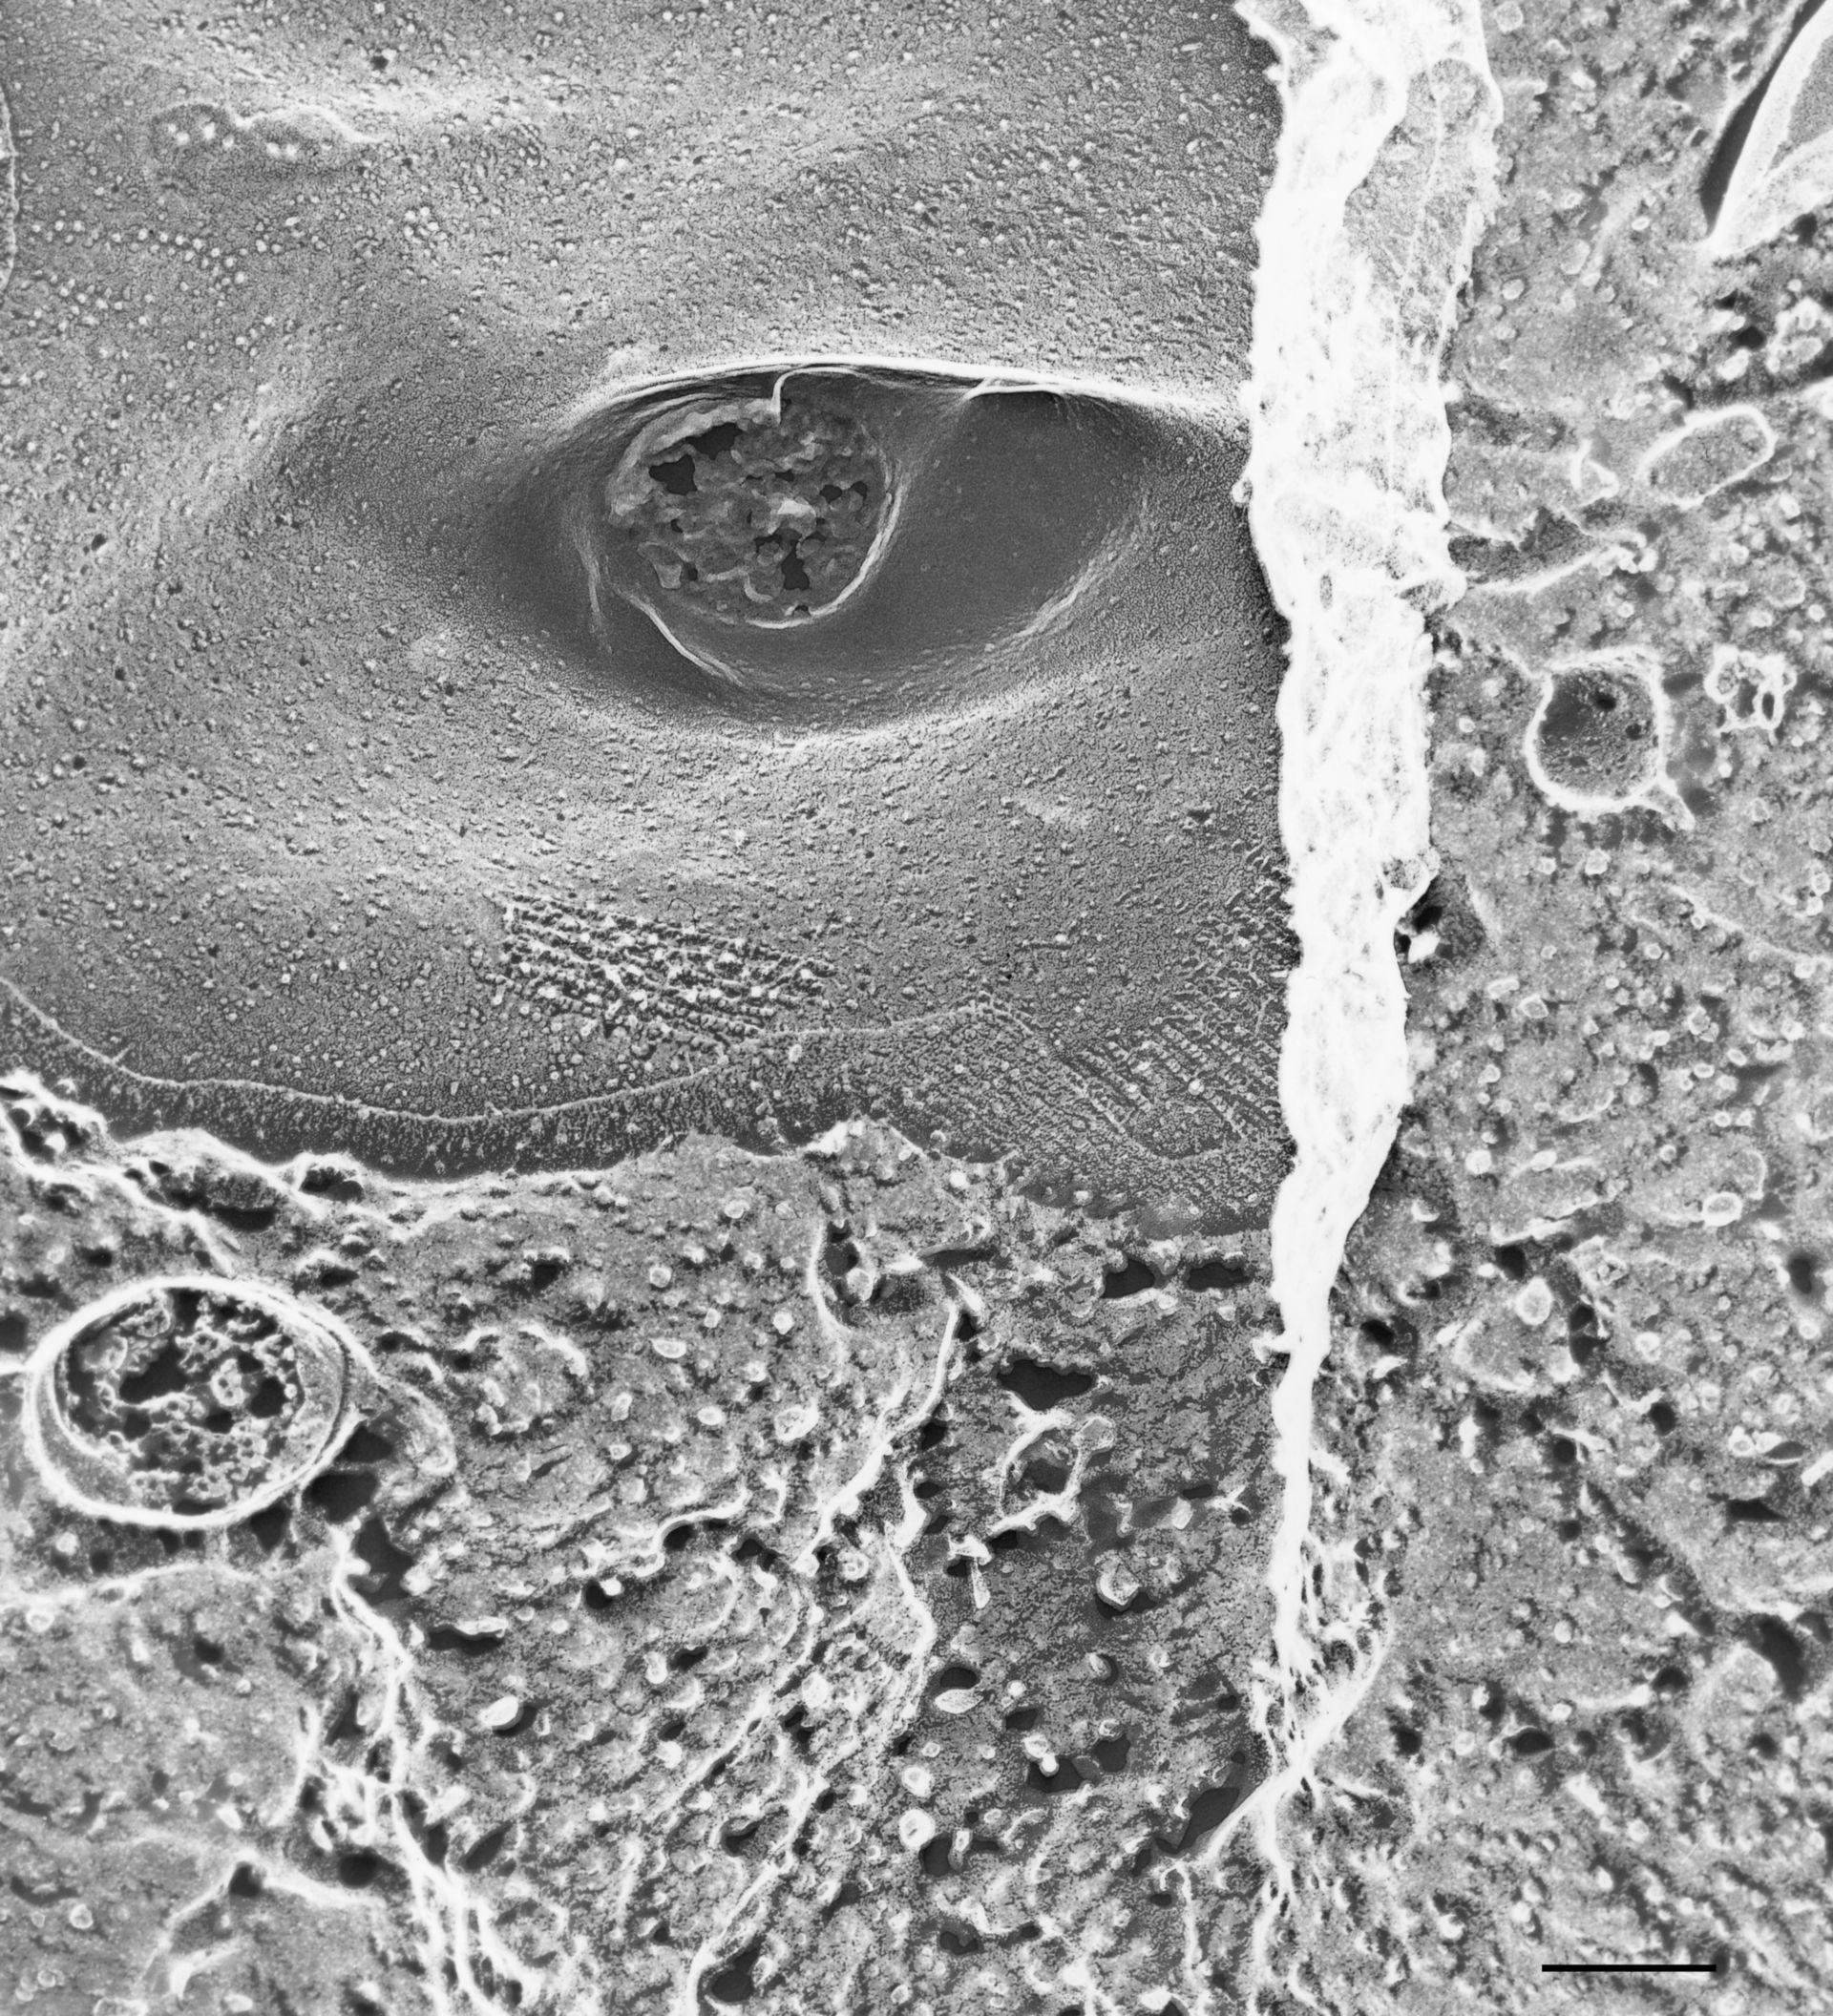 Paramecium multimicronucleatum - CIL:36610